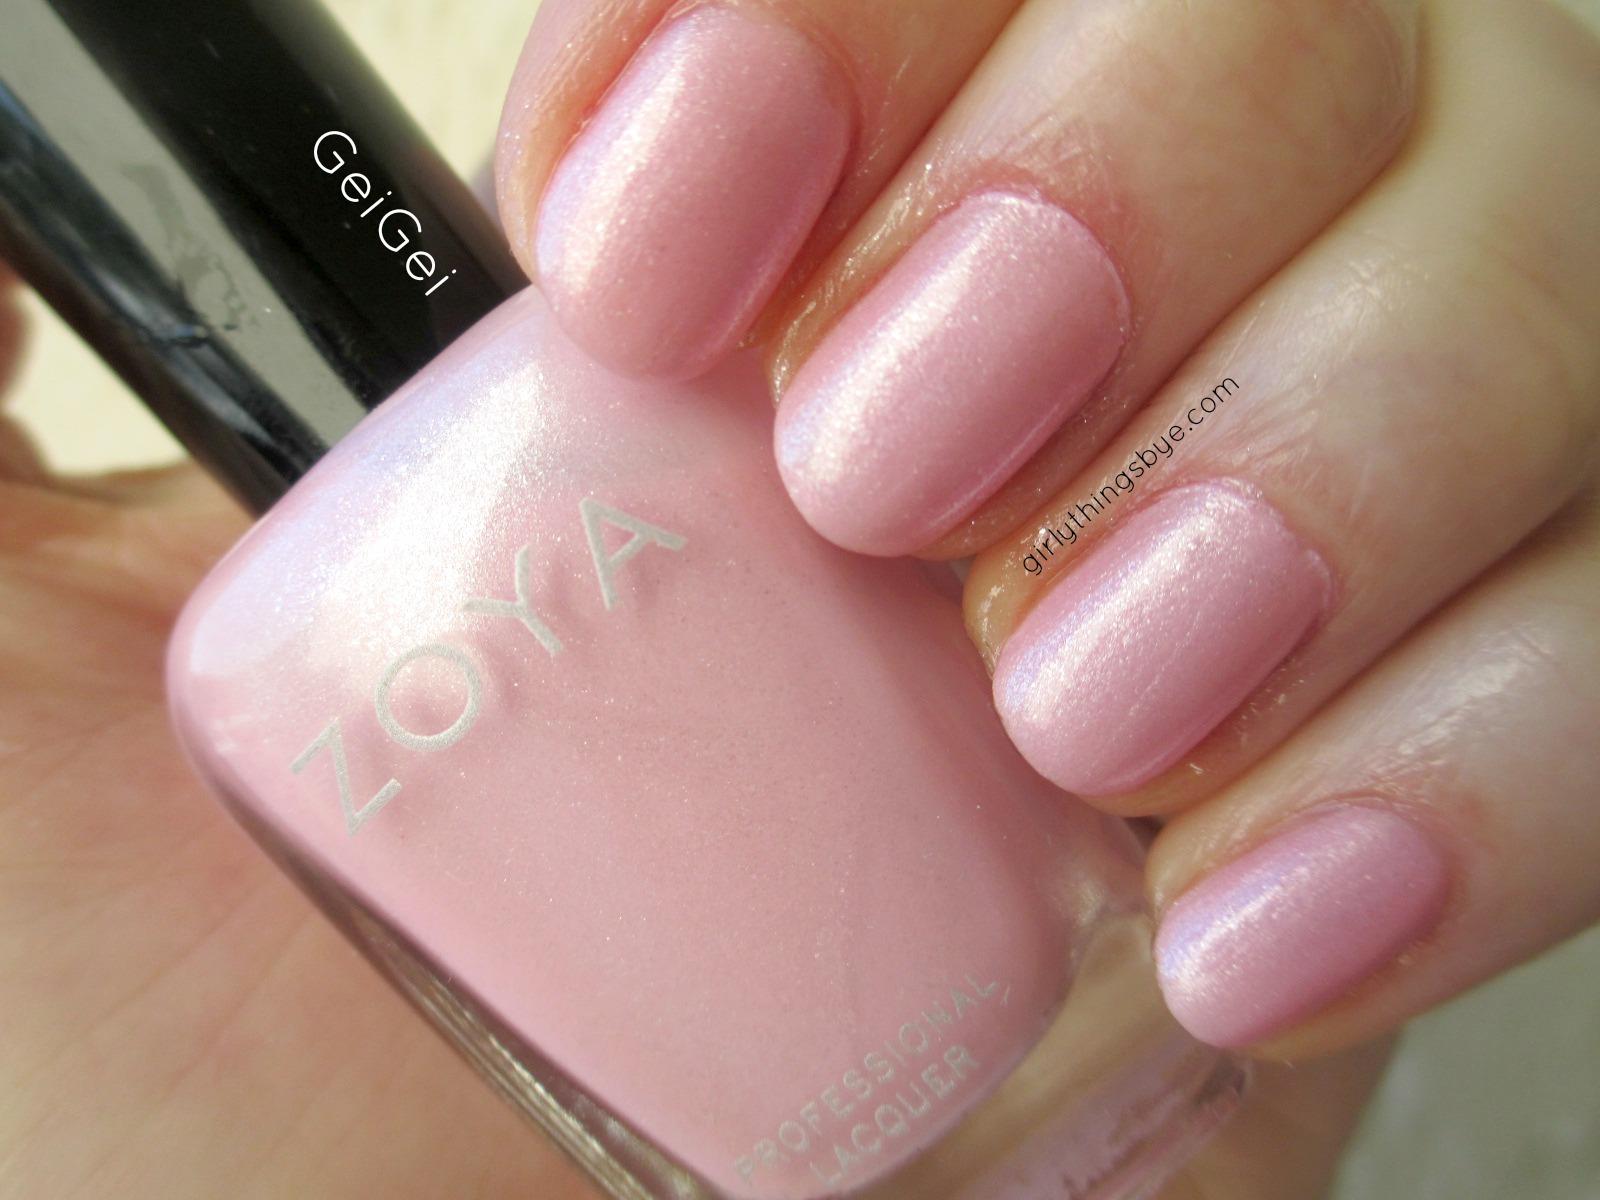 Manicure Monday: Zoya GeiGei   @girlythingsby_e   Beauty Chit Chat